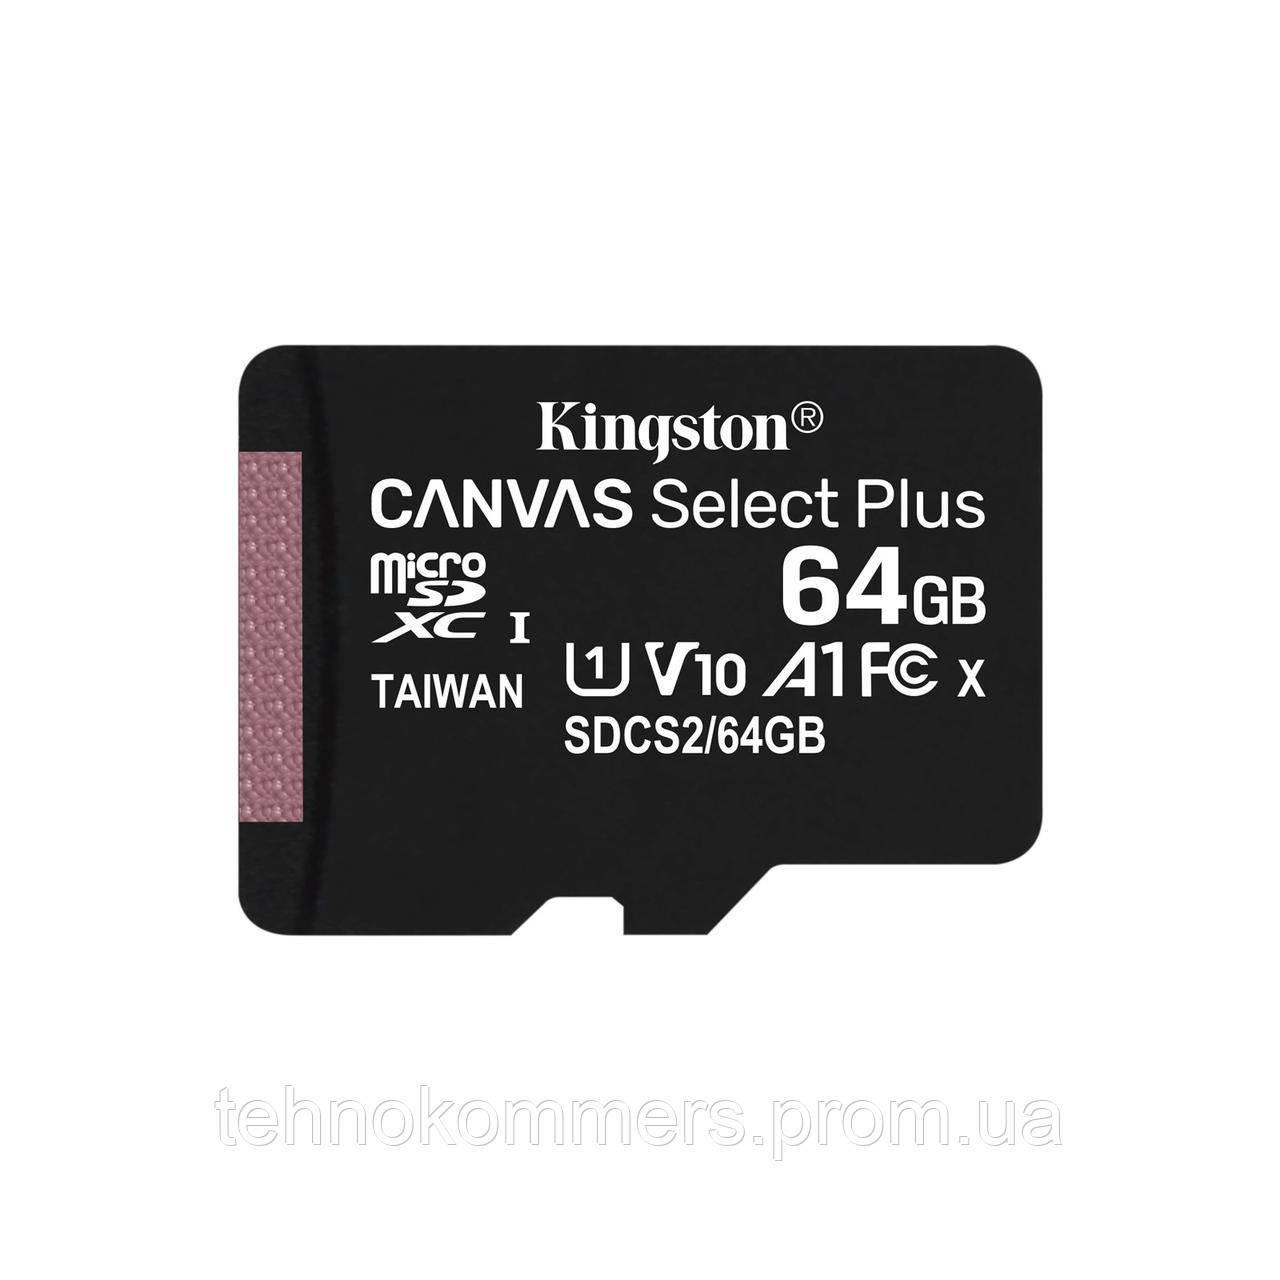 Карта пам'яті Kingston microSDXC Canvas Select Plus 64GB Class 10 UHS-I A1 W-10MB/s R-100MB/s Без ад